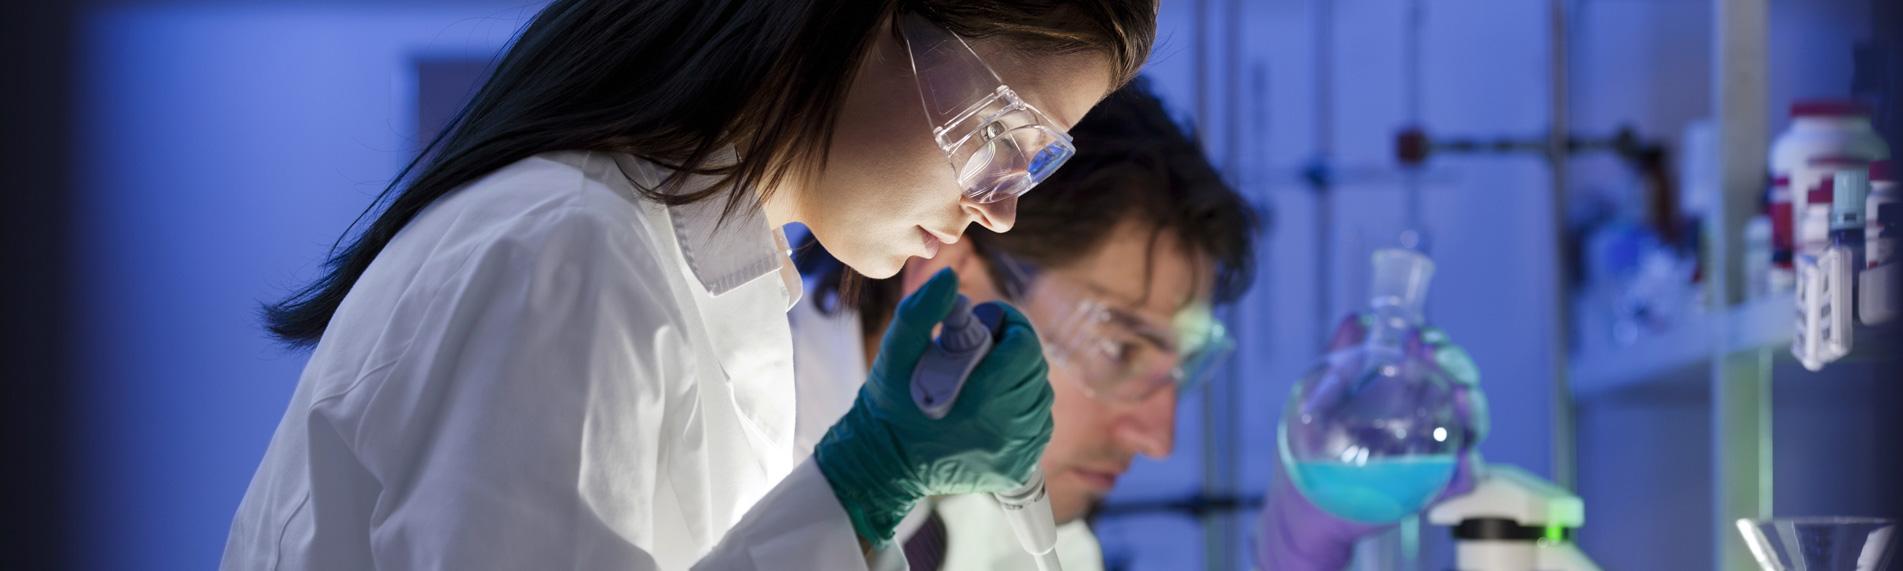 Befuktning och fuktreglering i renrum och laboratorier